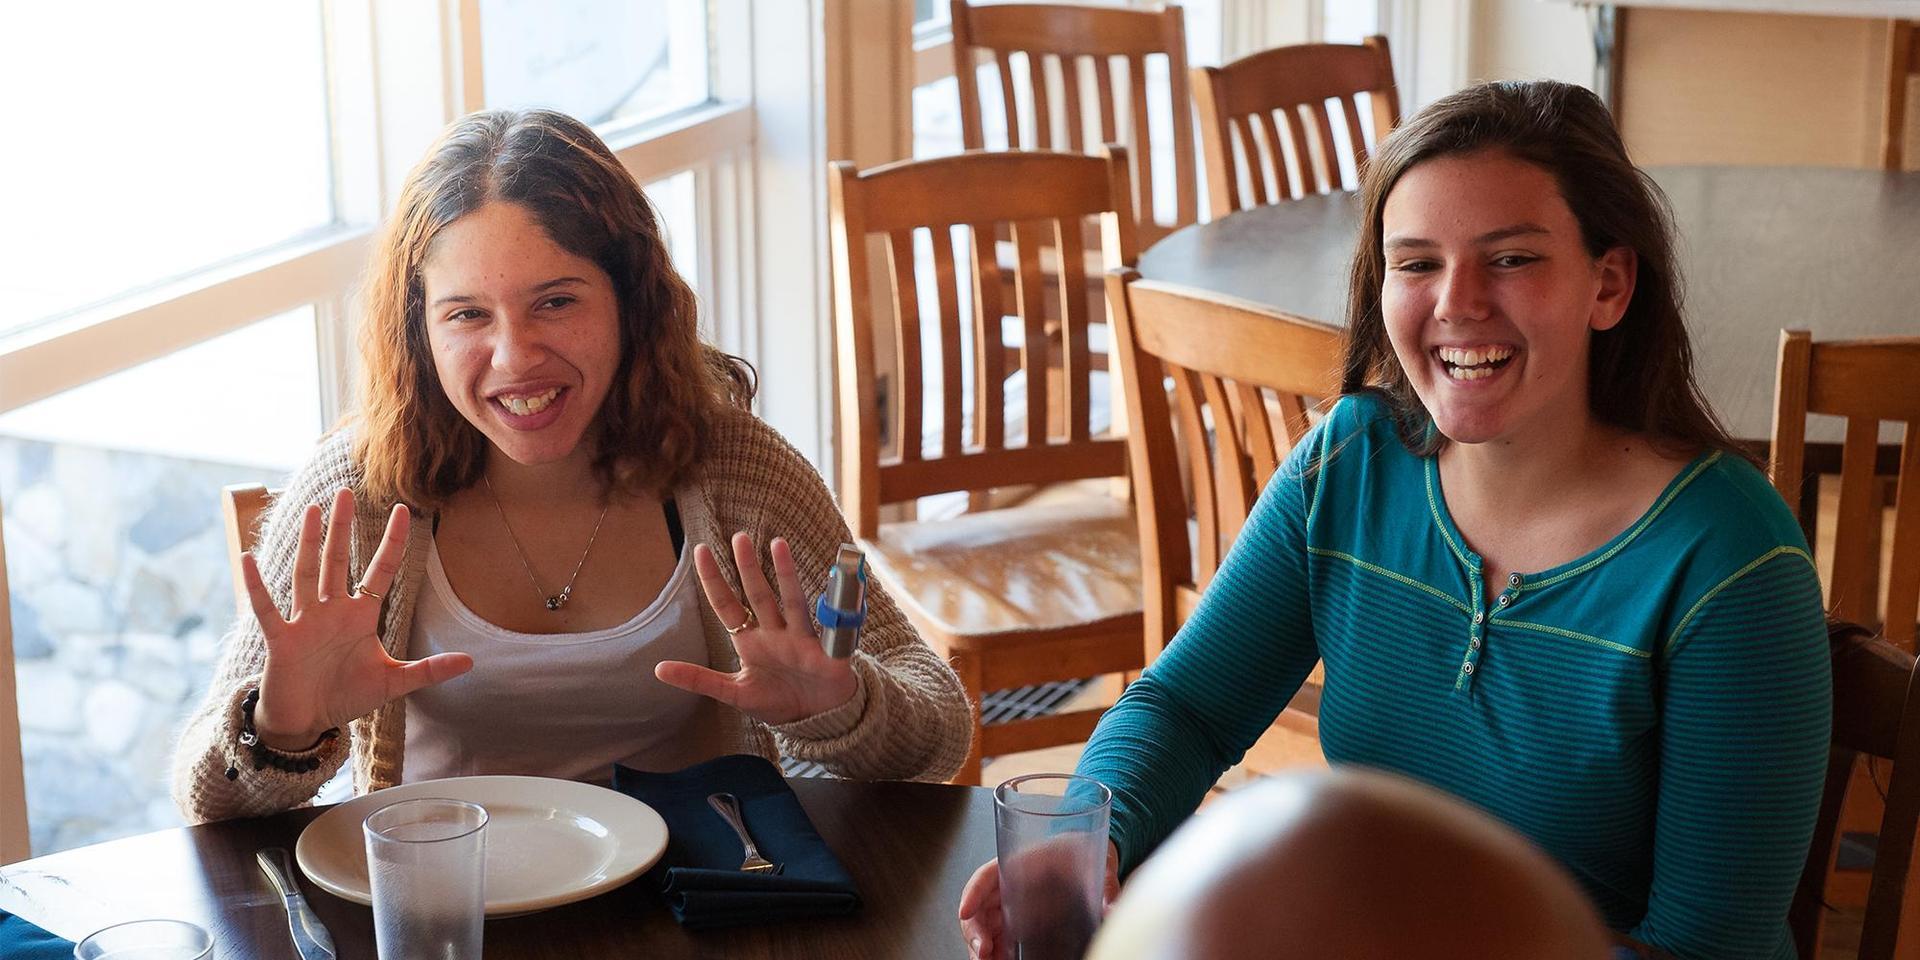 两名学生在餐厅的一张桌子上吃家庭式早餐.